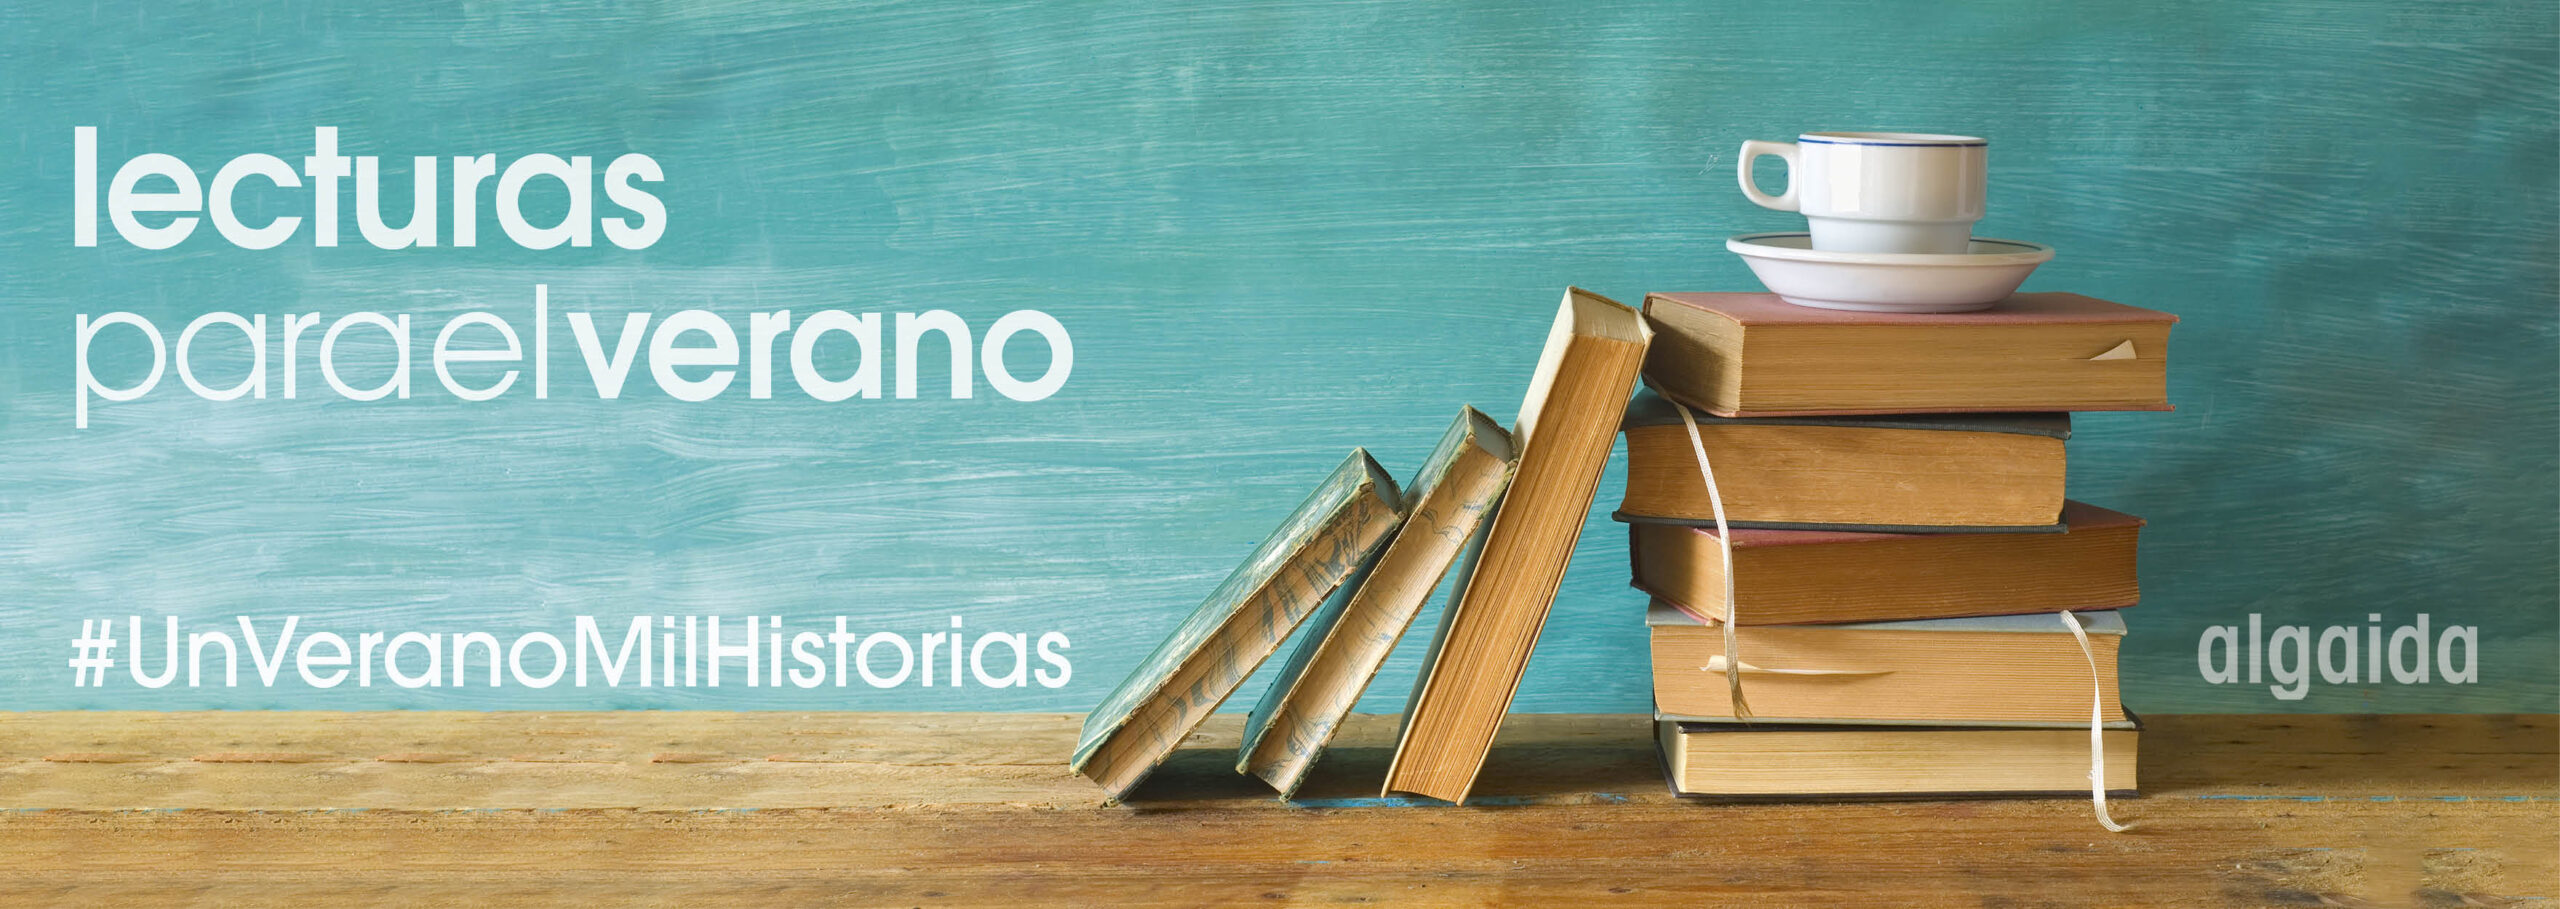 Algaida Editores os trae las mejores lecturas para este verano – Un verano mil historias